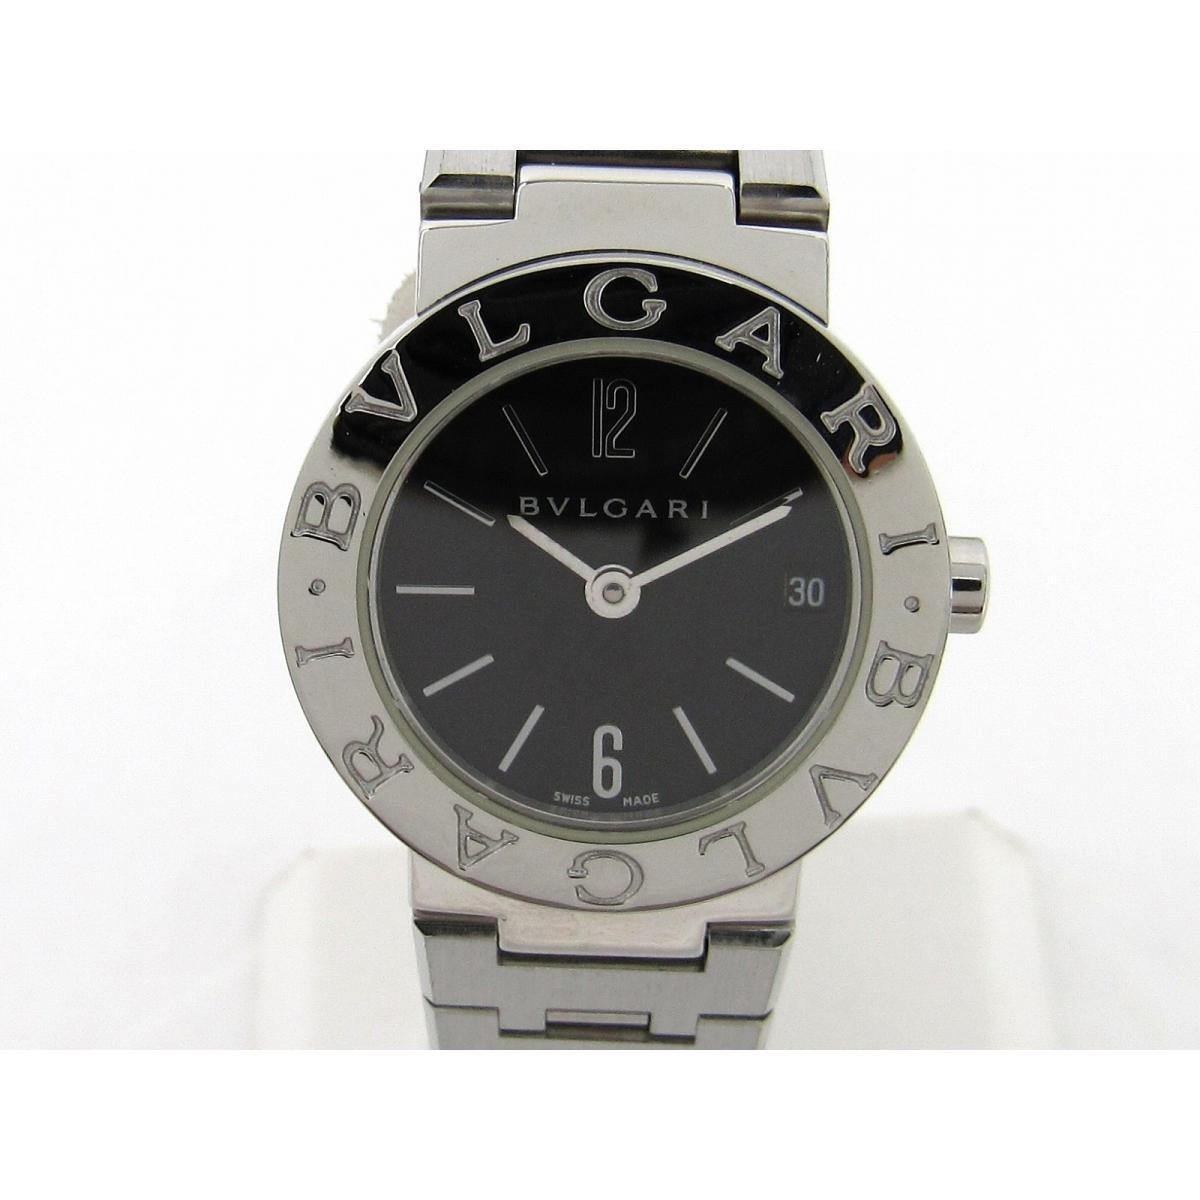 BVLGARI 時計 BB23SS ブルガリ ブルガリ/腕時計/レディース